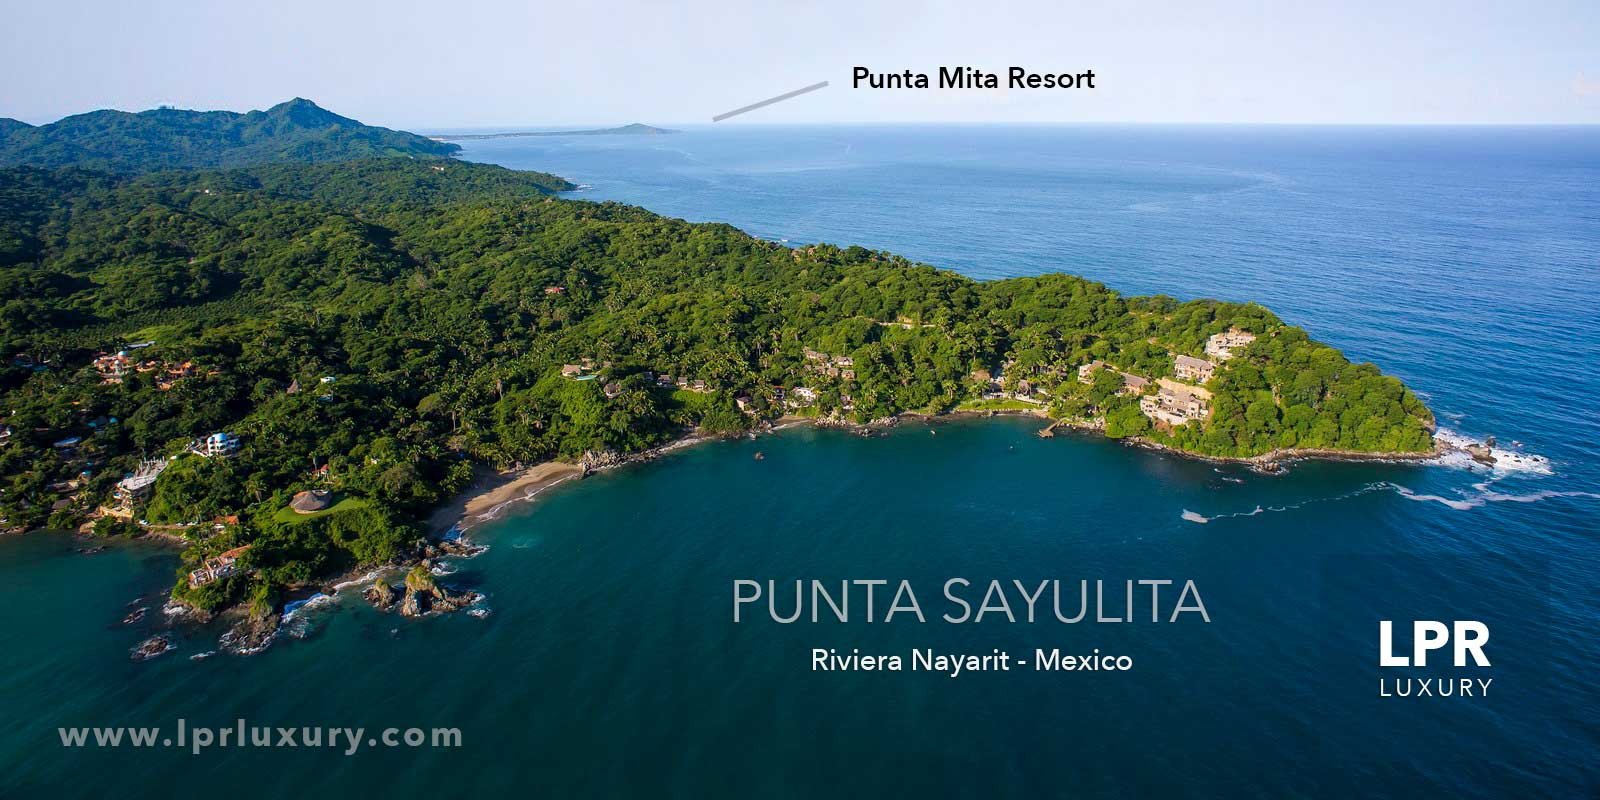 Punta Sayulita - Luxury Sayulita Real Estate and Vacation Rentals - Riviera Nayarit, Mexico